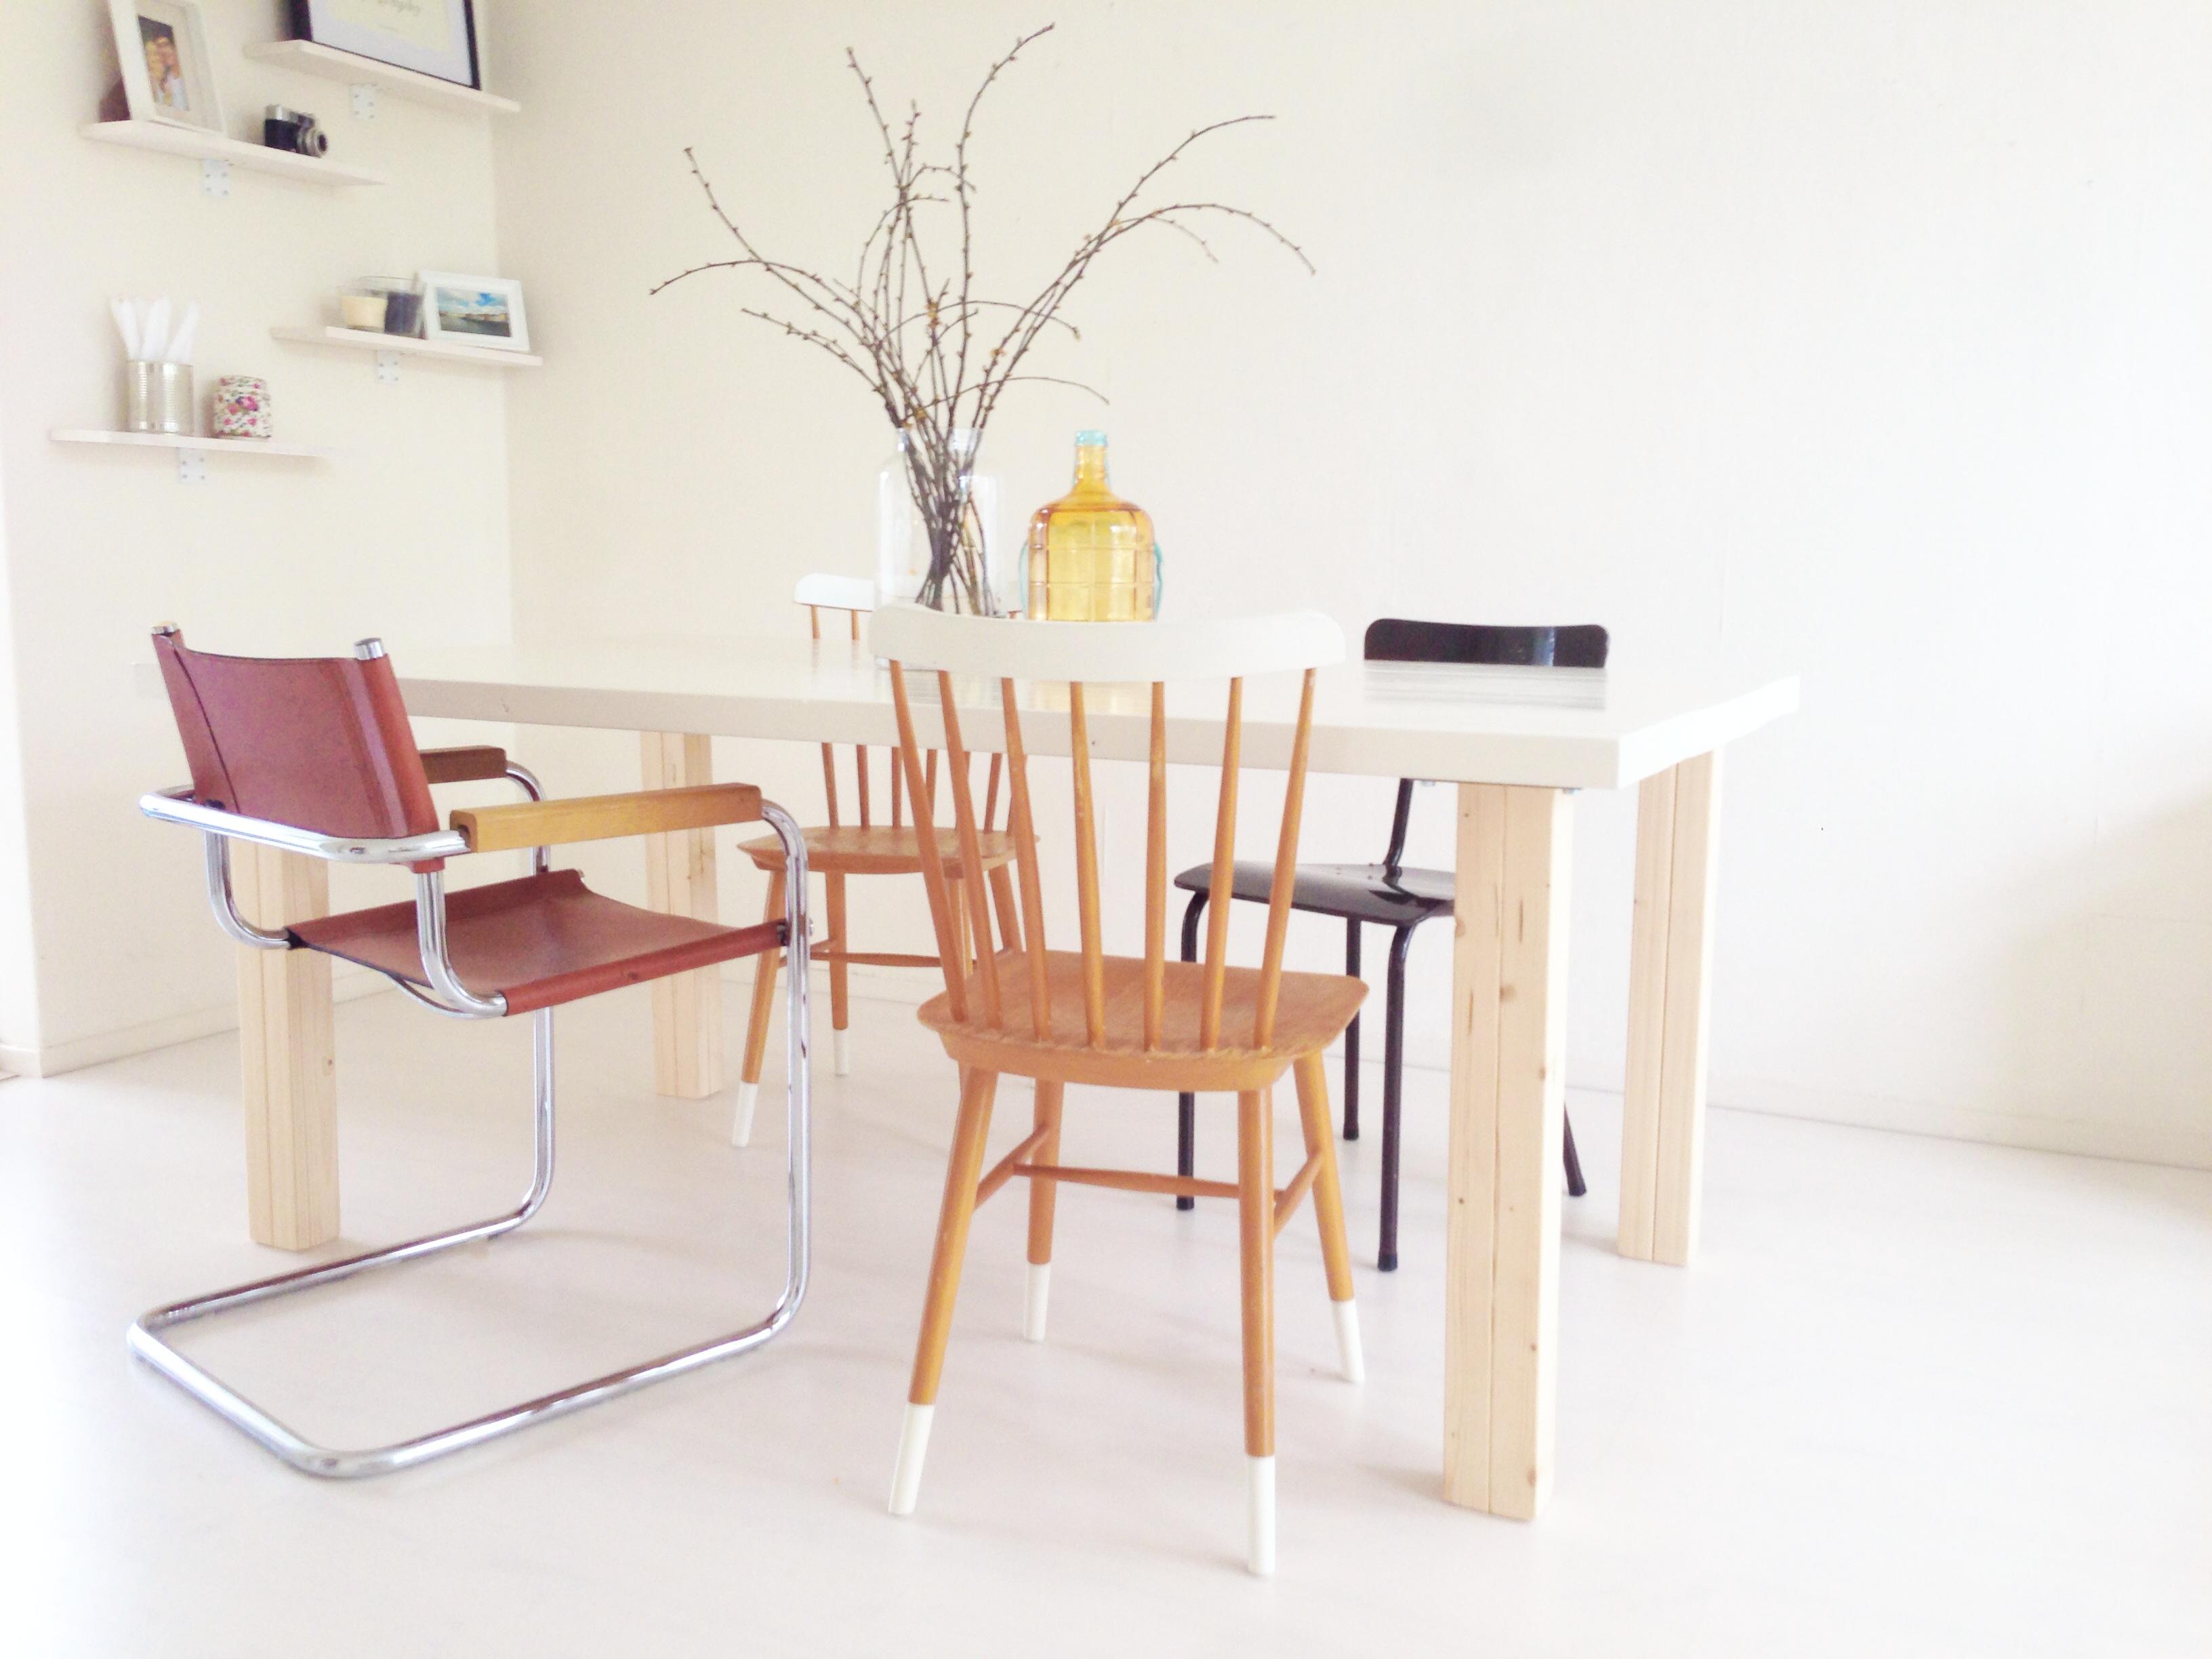 Do it yourself n stylingtip verschillende stoelen aan je eettafel donebymyself - Stoelen leer en hout ...